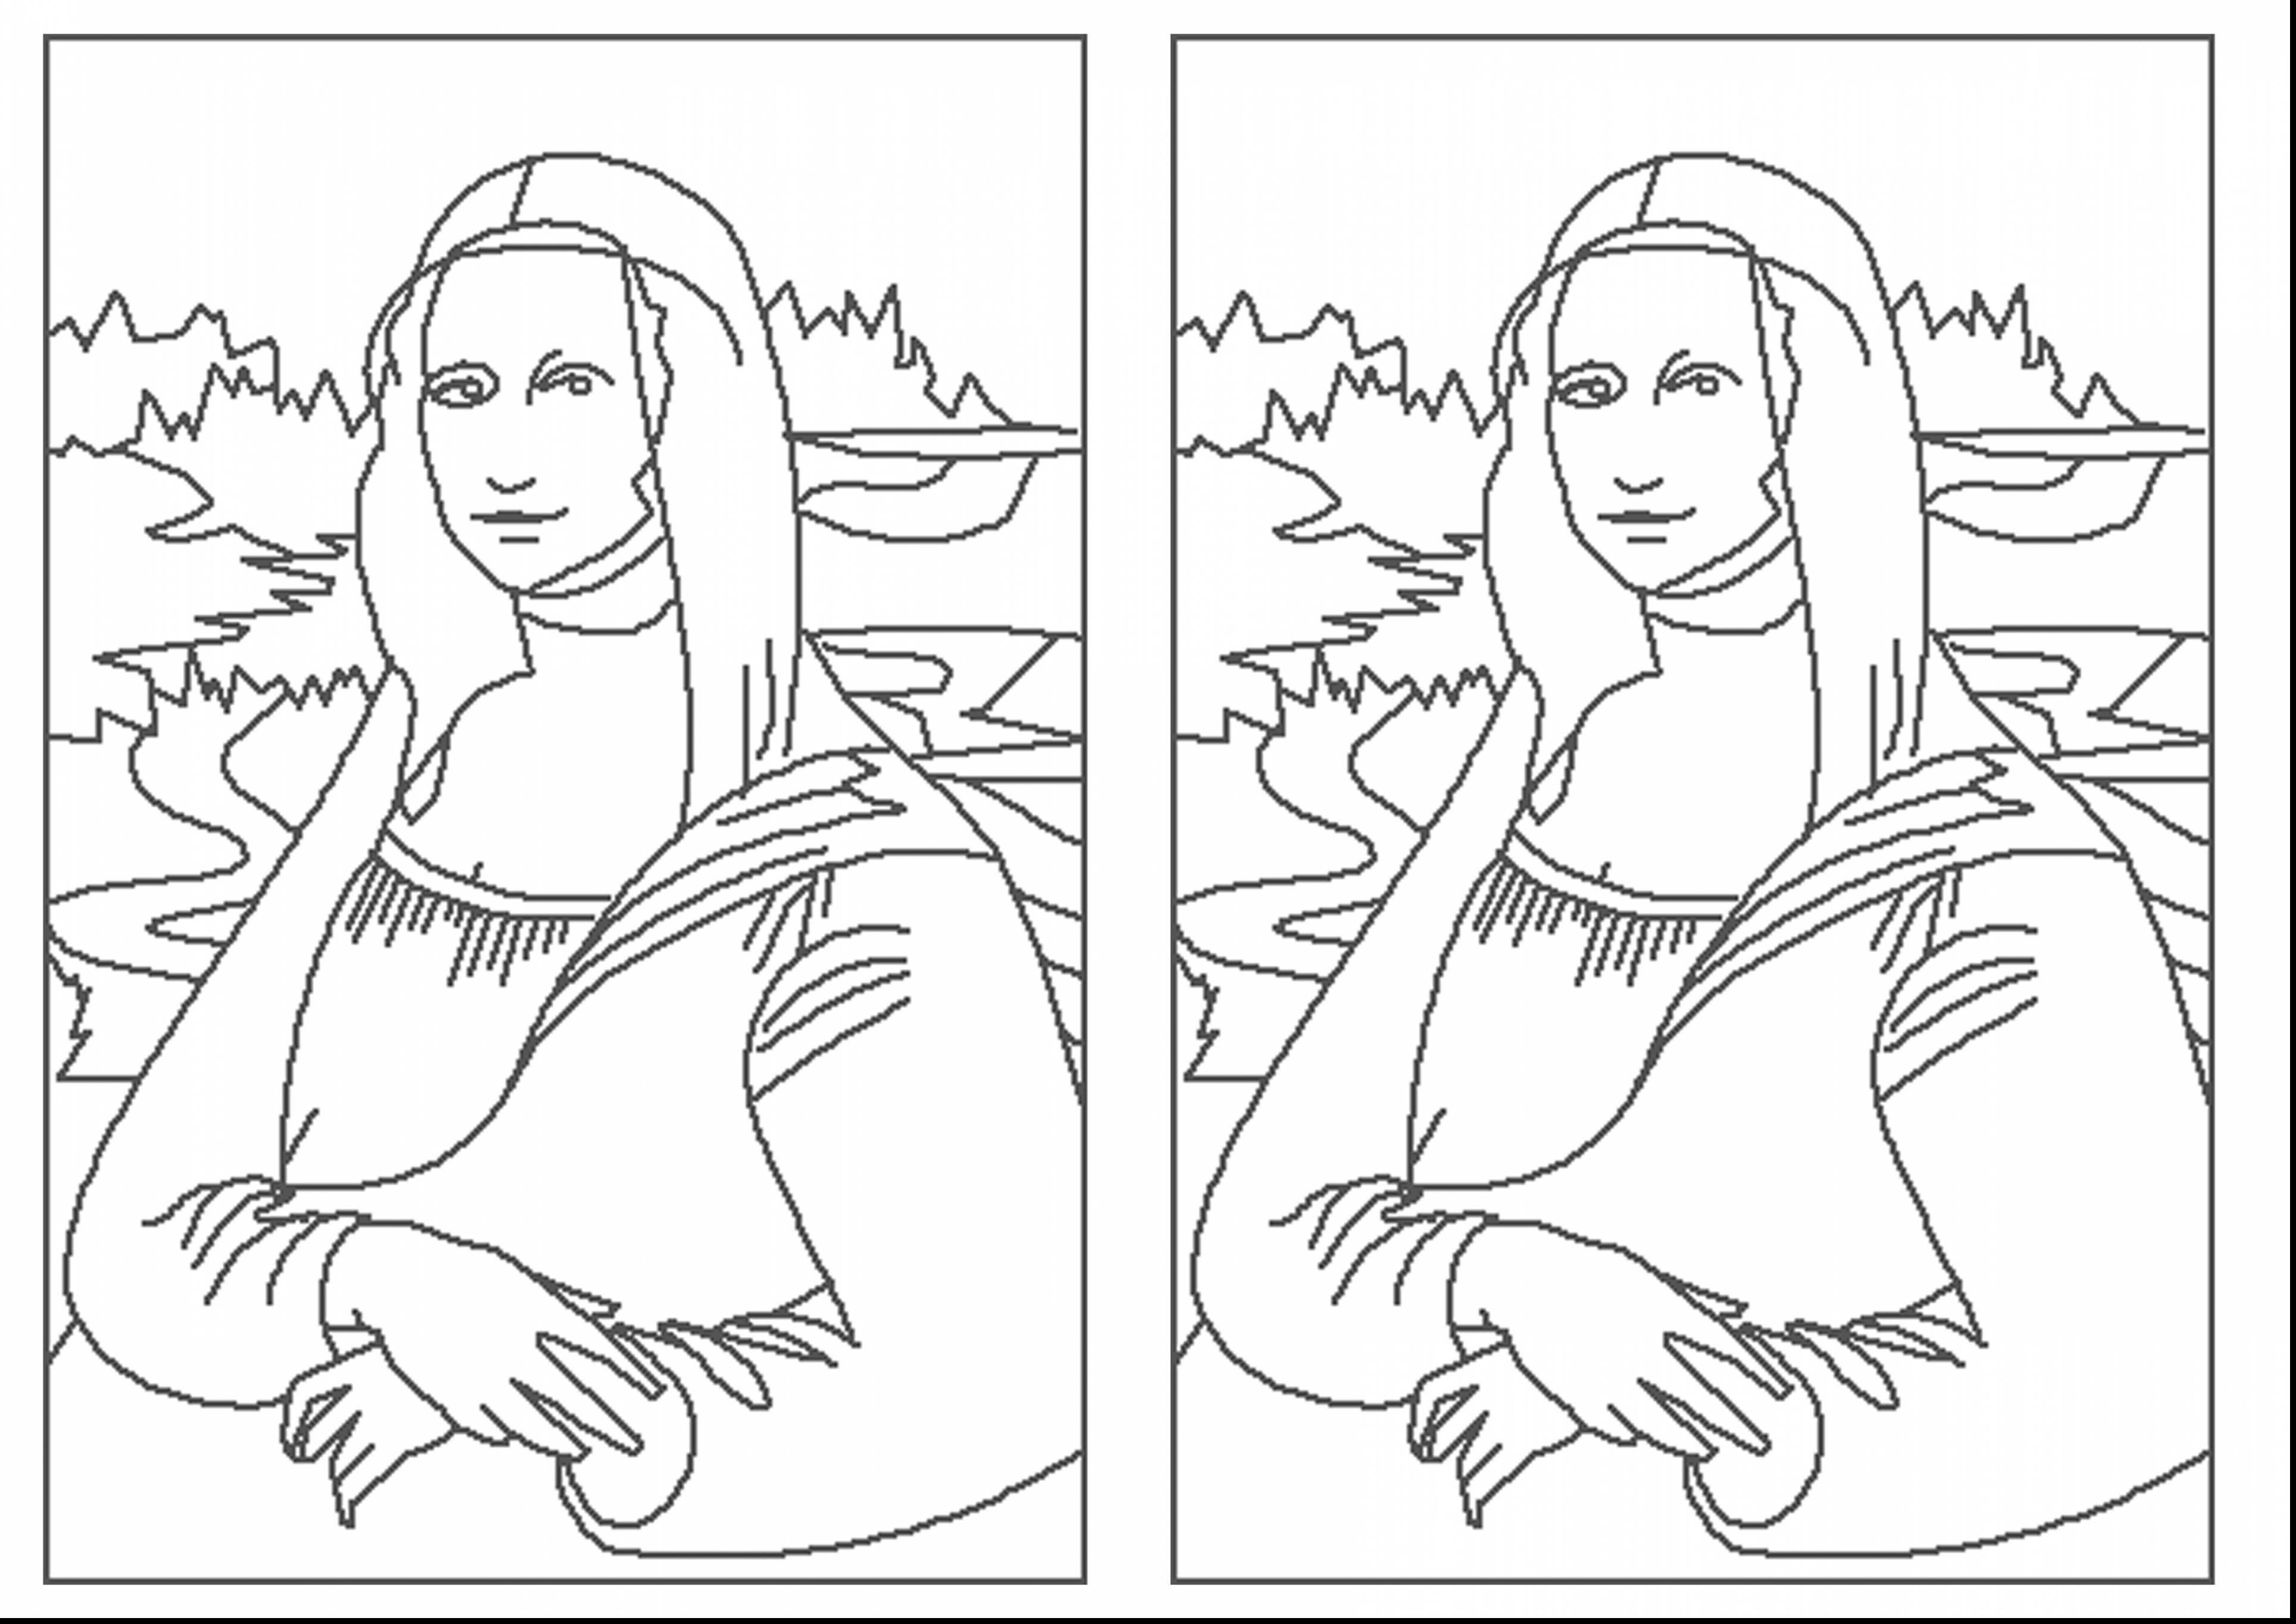 3858x2728 Mona Lisa Coloring Page La Gioconda Leonardo Vinci On Monalisa